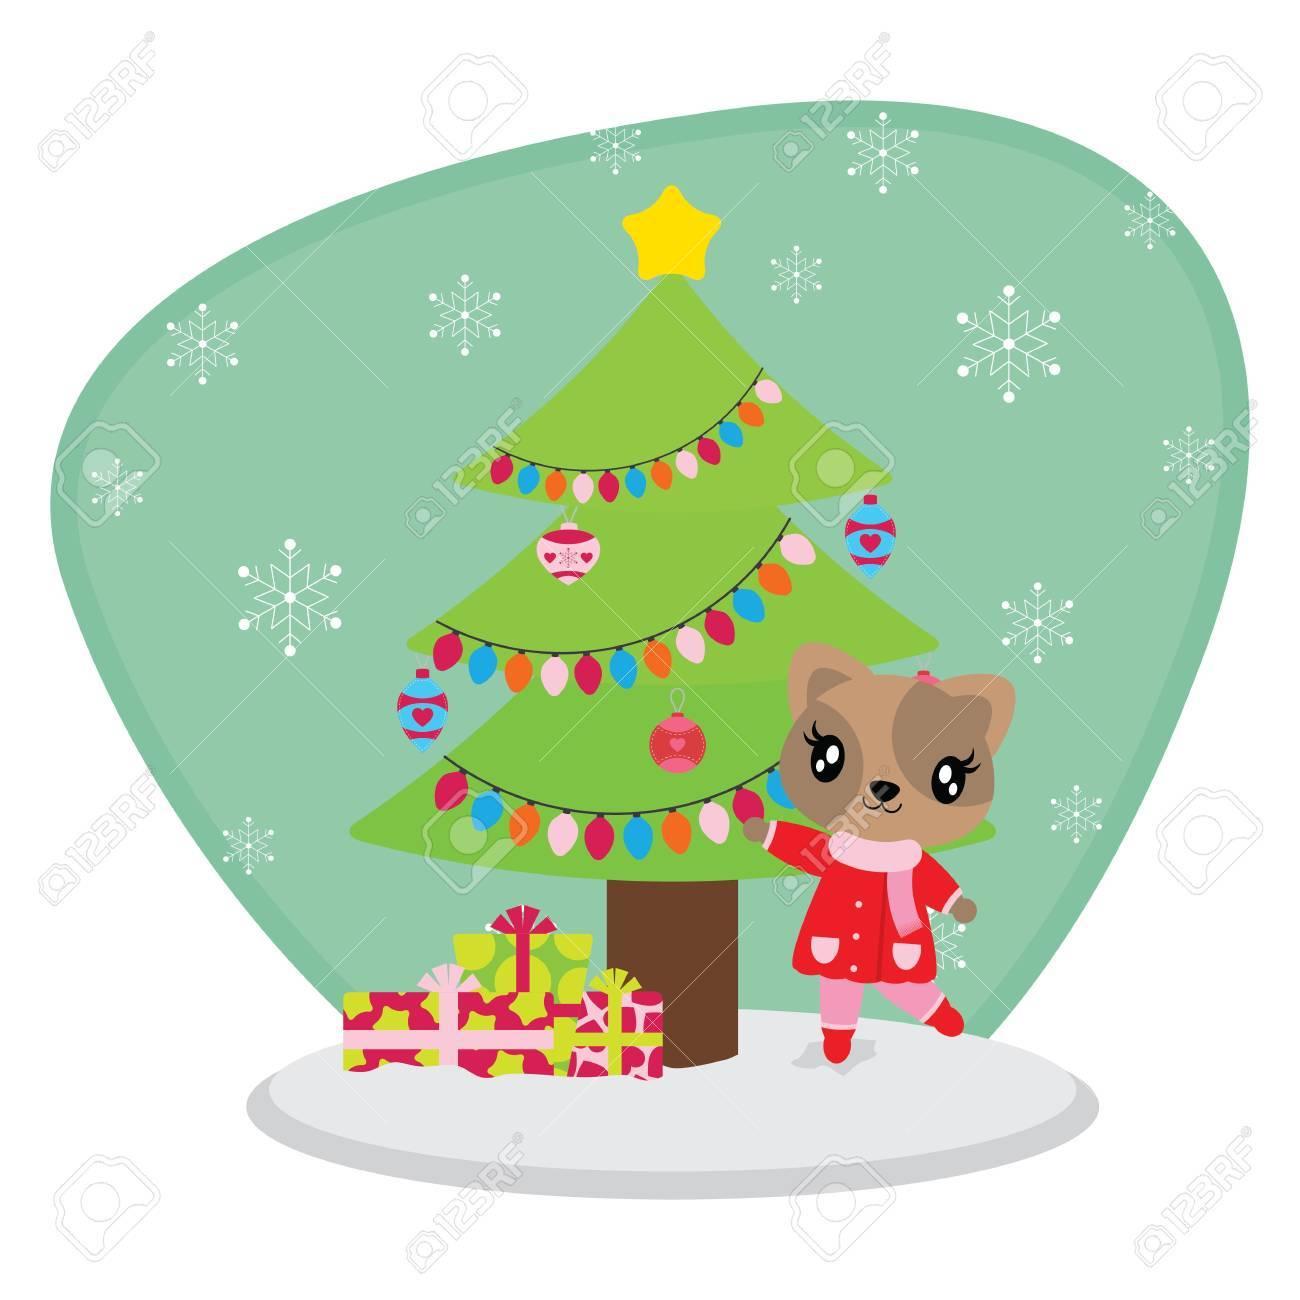 雪背景ベクトル漫画イラスト壁紙 グリーティング カード クリスマス カードのデザインをクリスマス ツリー以外にもかわいい猫の女の子のイラスト素材 ベクタ Image